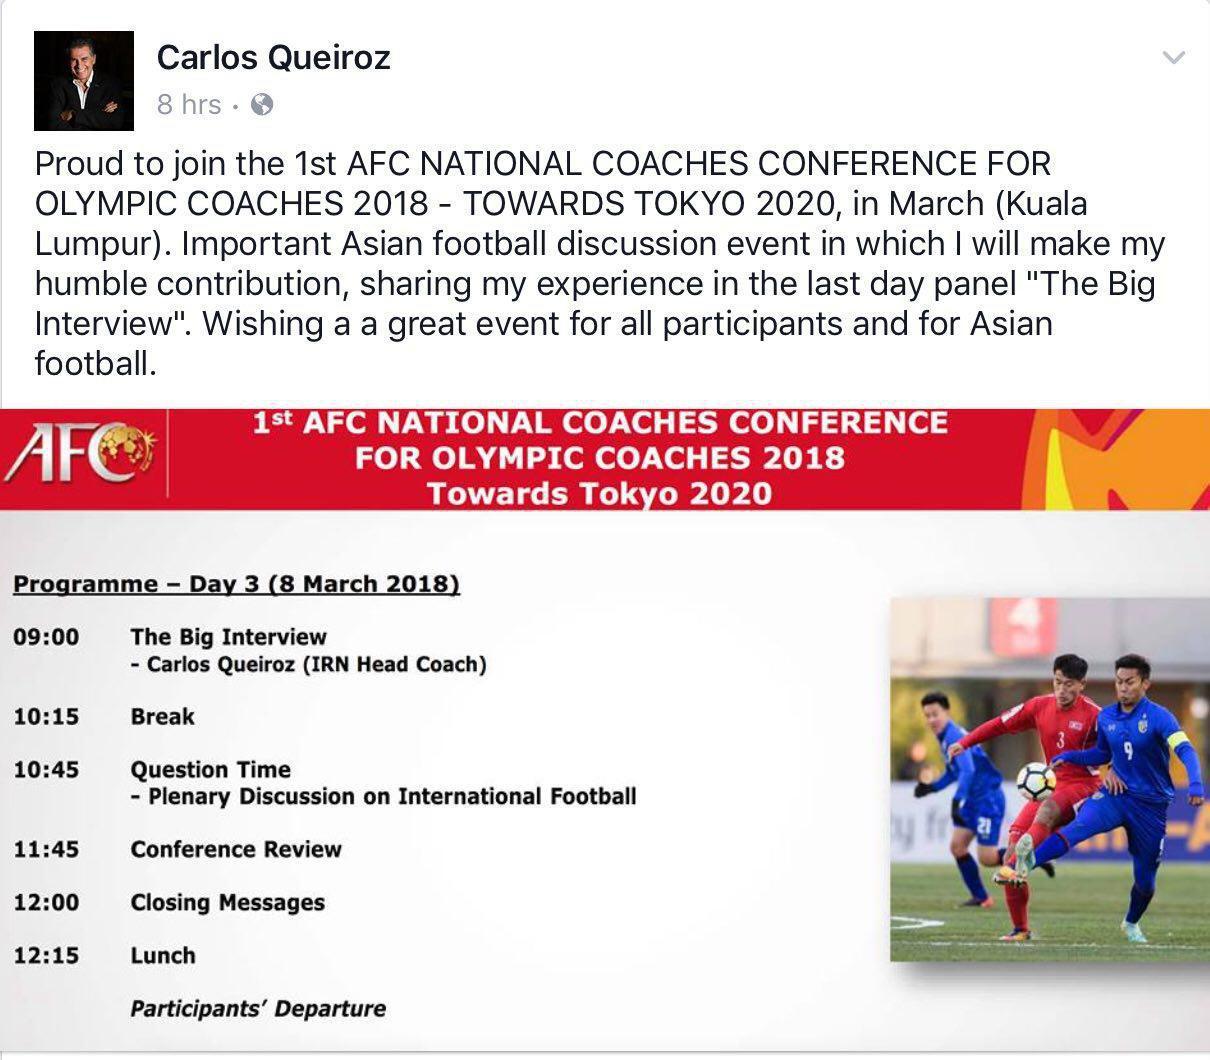 کارلوس کی روش در یک رویداد مهم فوتبالی